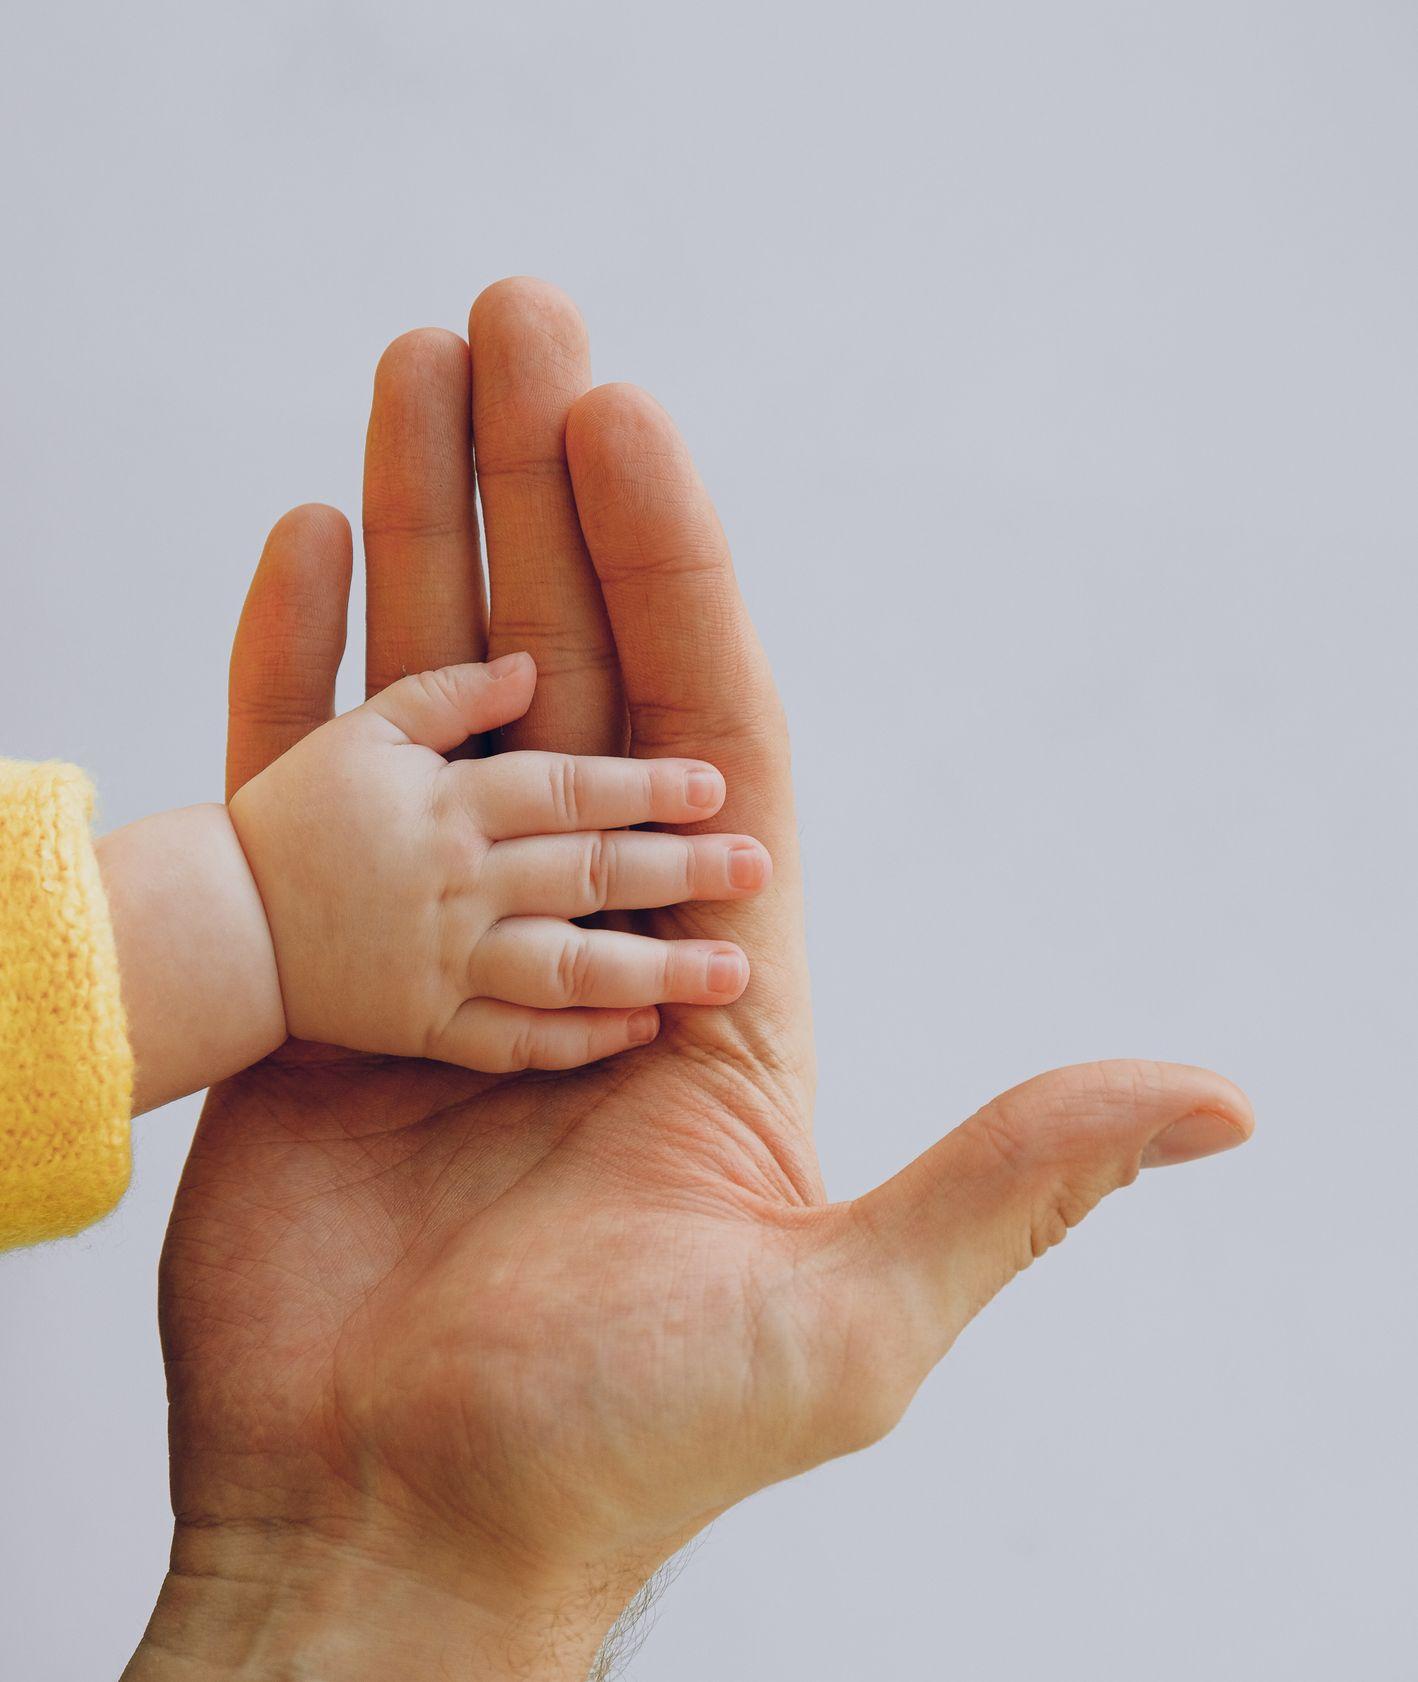 Ręce rodzica i dziecka (fot. Anna Shvets/ Unsplash.com)